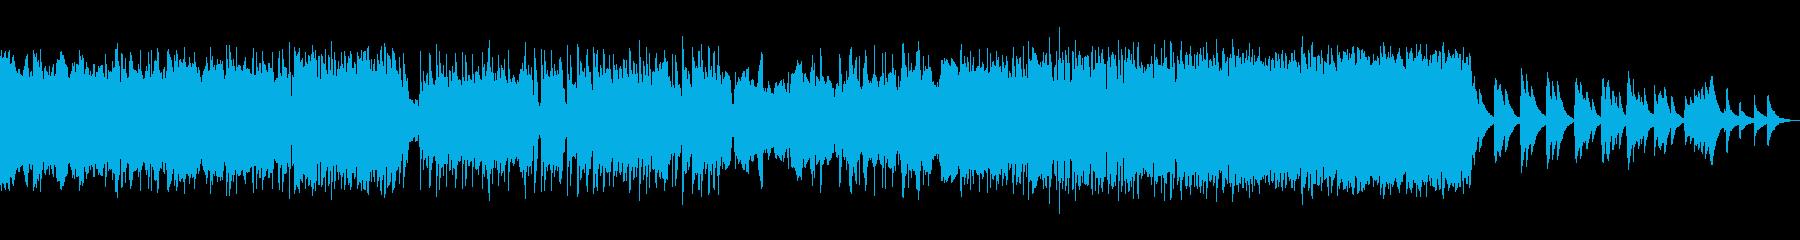 水たまりをびしゃびしゃしに行こうの再生済みの波形